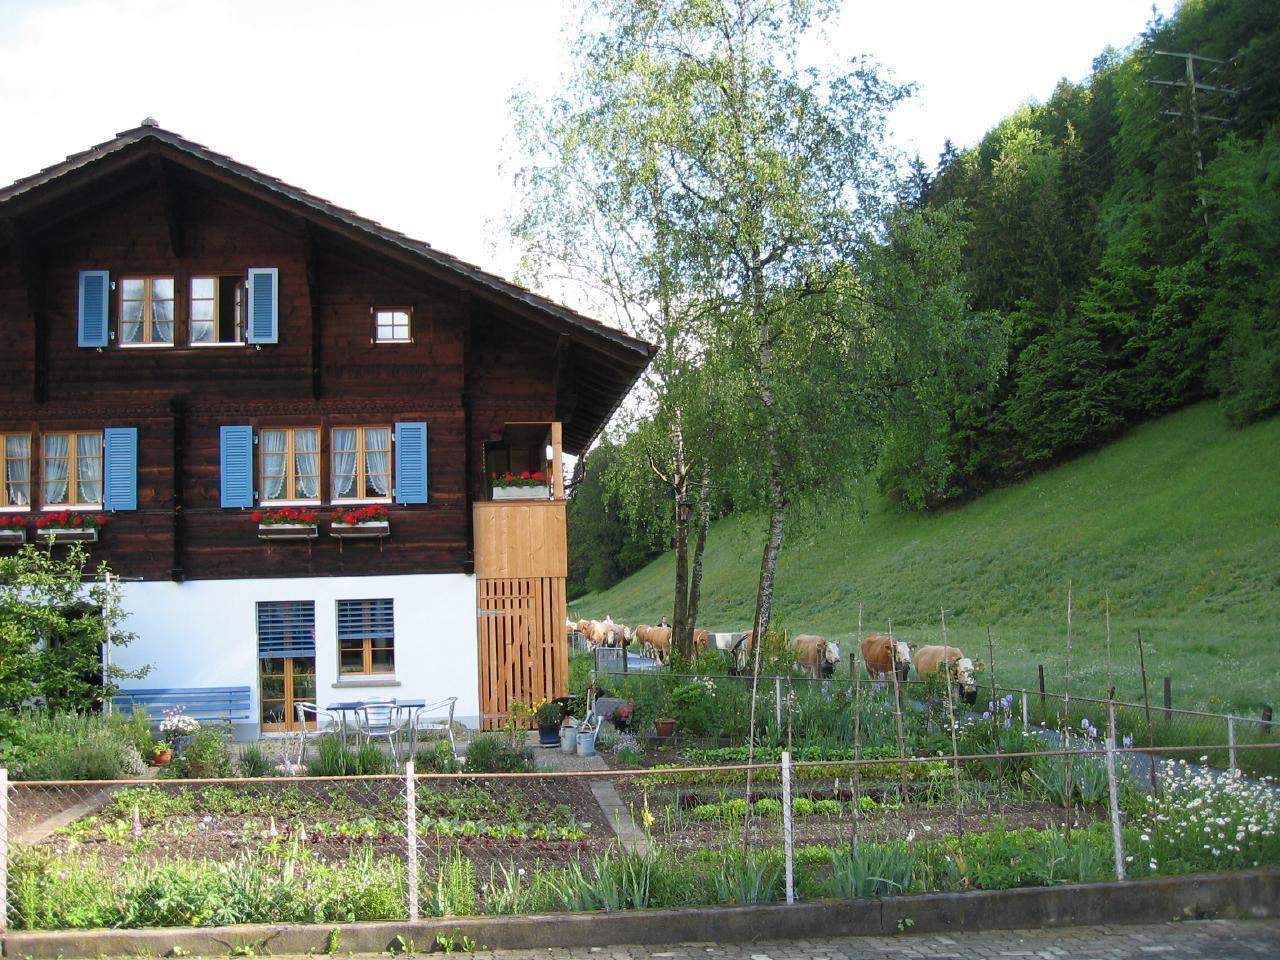 Appartement de vacances 2-Zimmer Wohnung im Ferienparadies Kandertal (2385249), Kandergrund, Adelboden - Frutigen - Kandersteg, Oberland bernois, Suisse, image 3